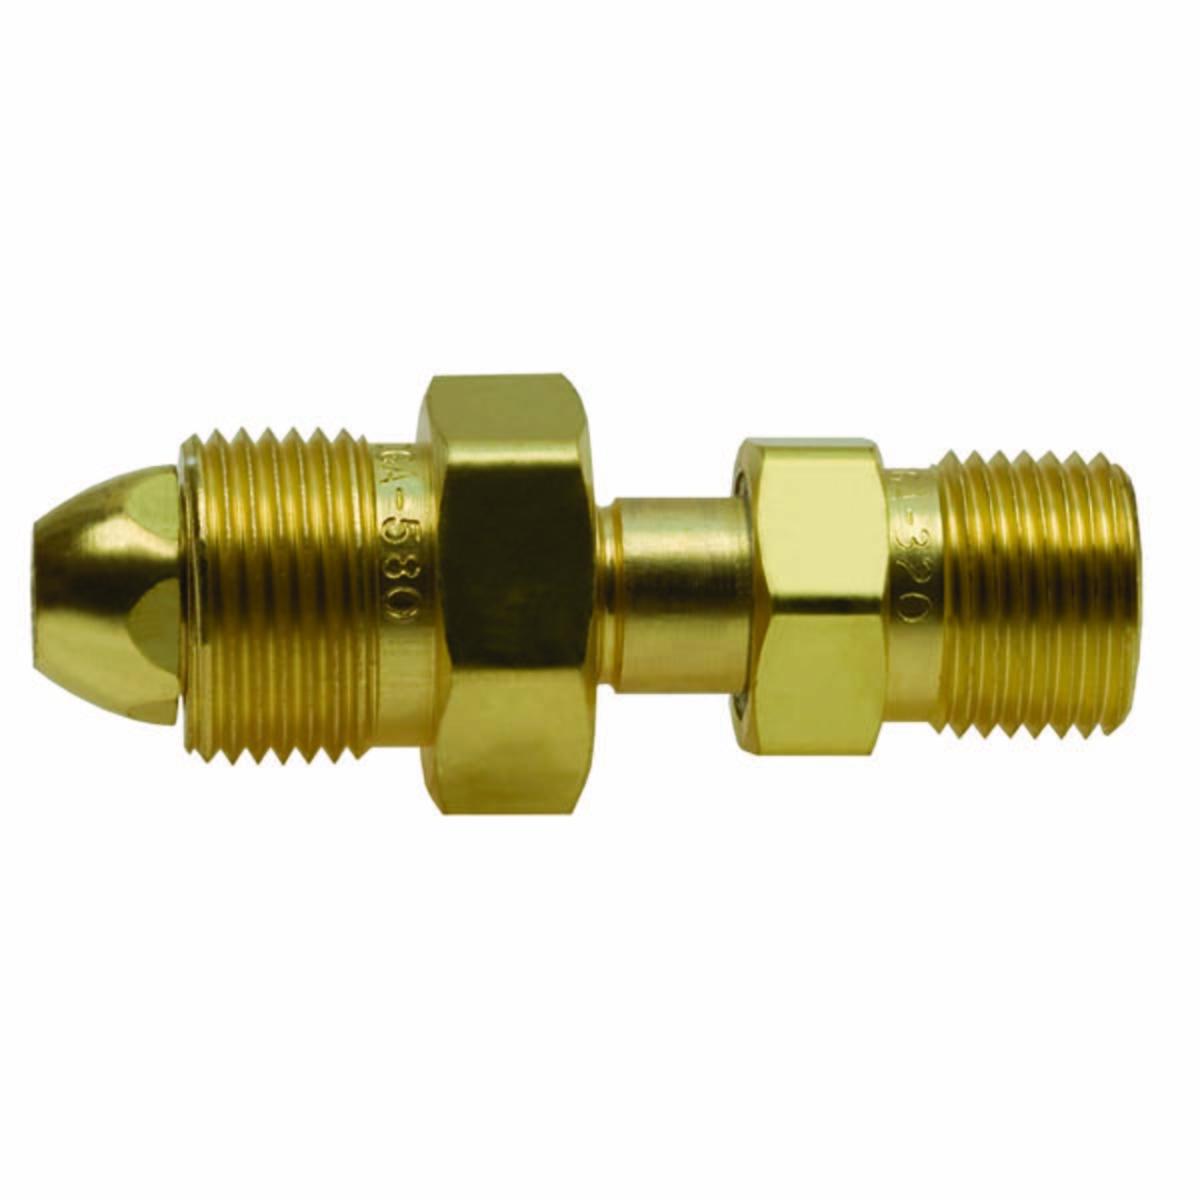 A, CYL ADAPTOR, CGA-580 X 320 (WE 810)